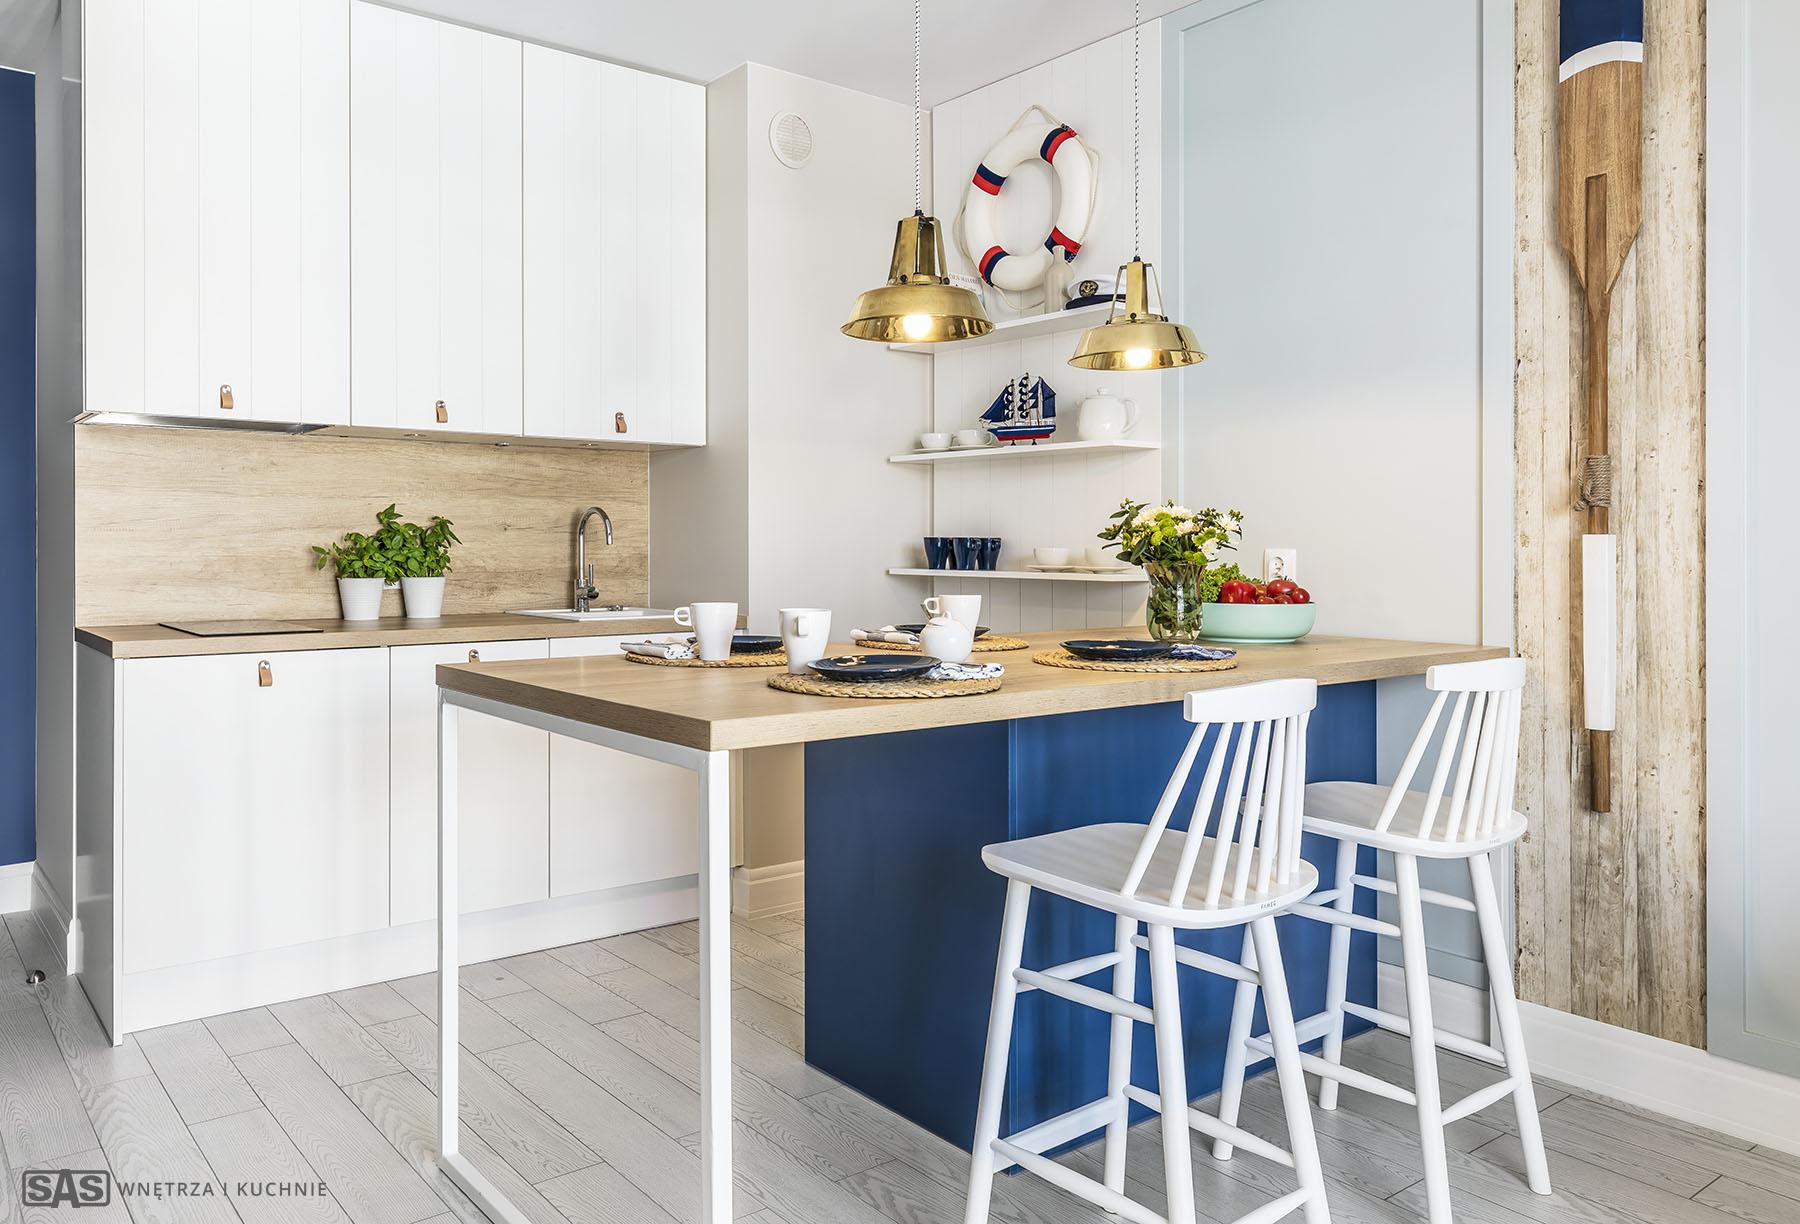 Wykonanie wnętrza: meble kuchenne SAS Wnętrza i Kuchnie, Projekt wnętrza Architekt Emilia Strzempek Plasun